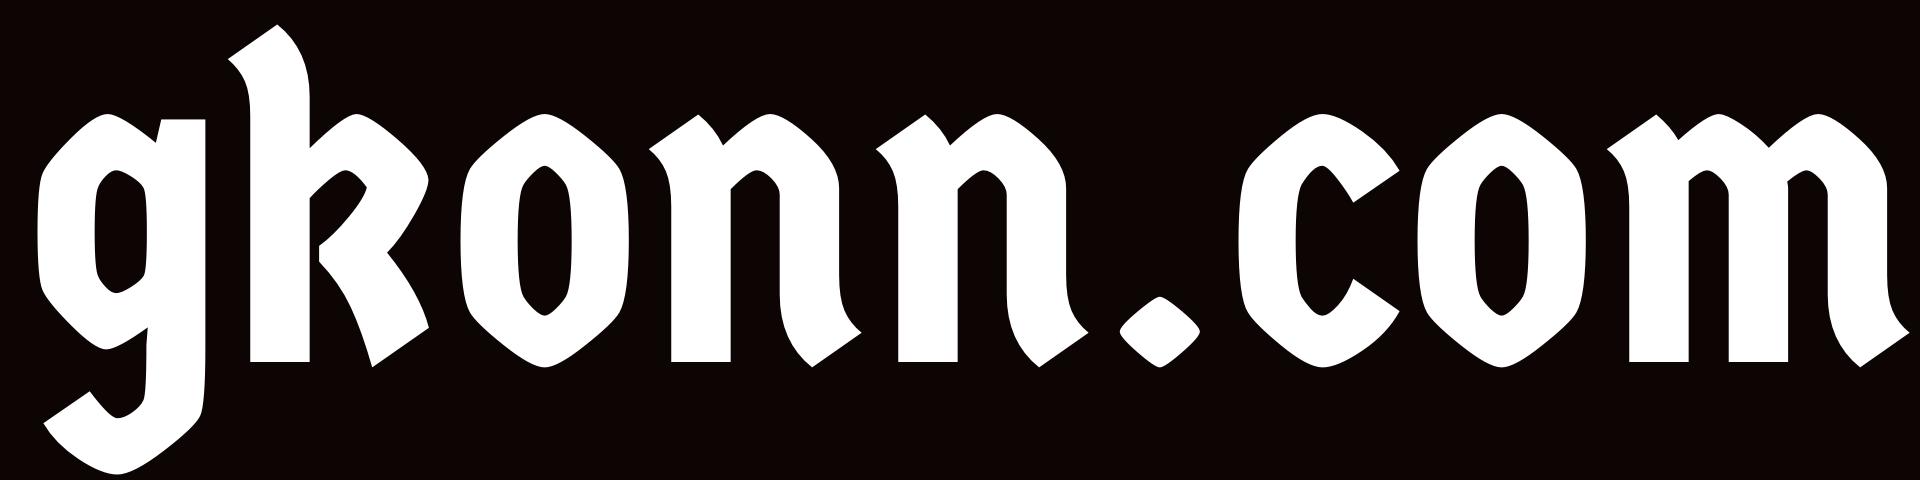 gkonn.com: 元アプリマーケター現在フリーランスのブログです。アメックスプラチナやアプリ、旅行について発信